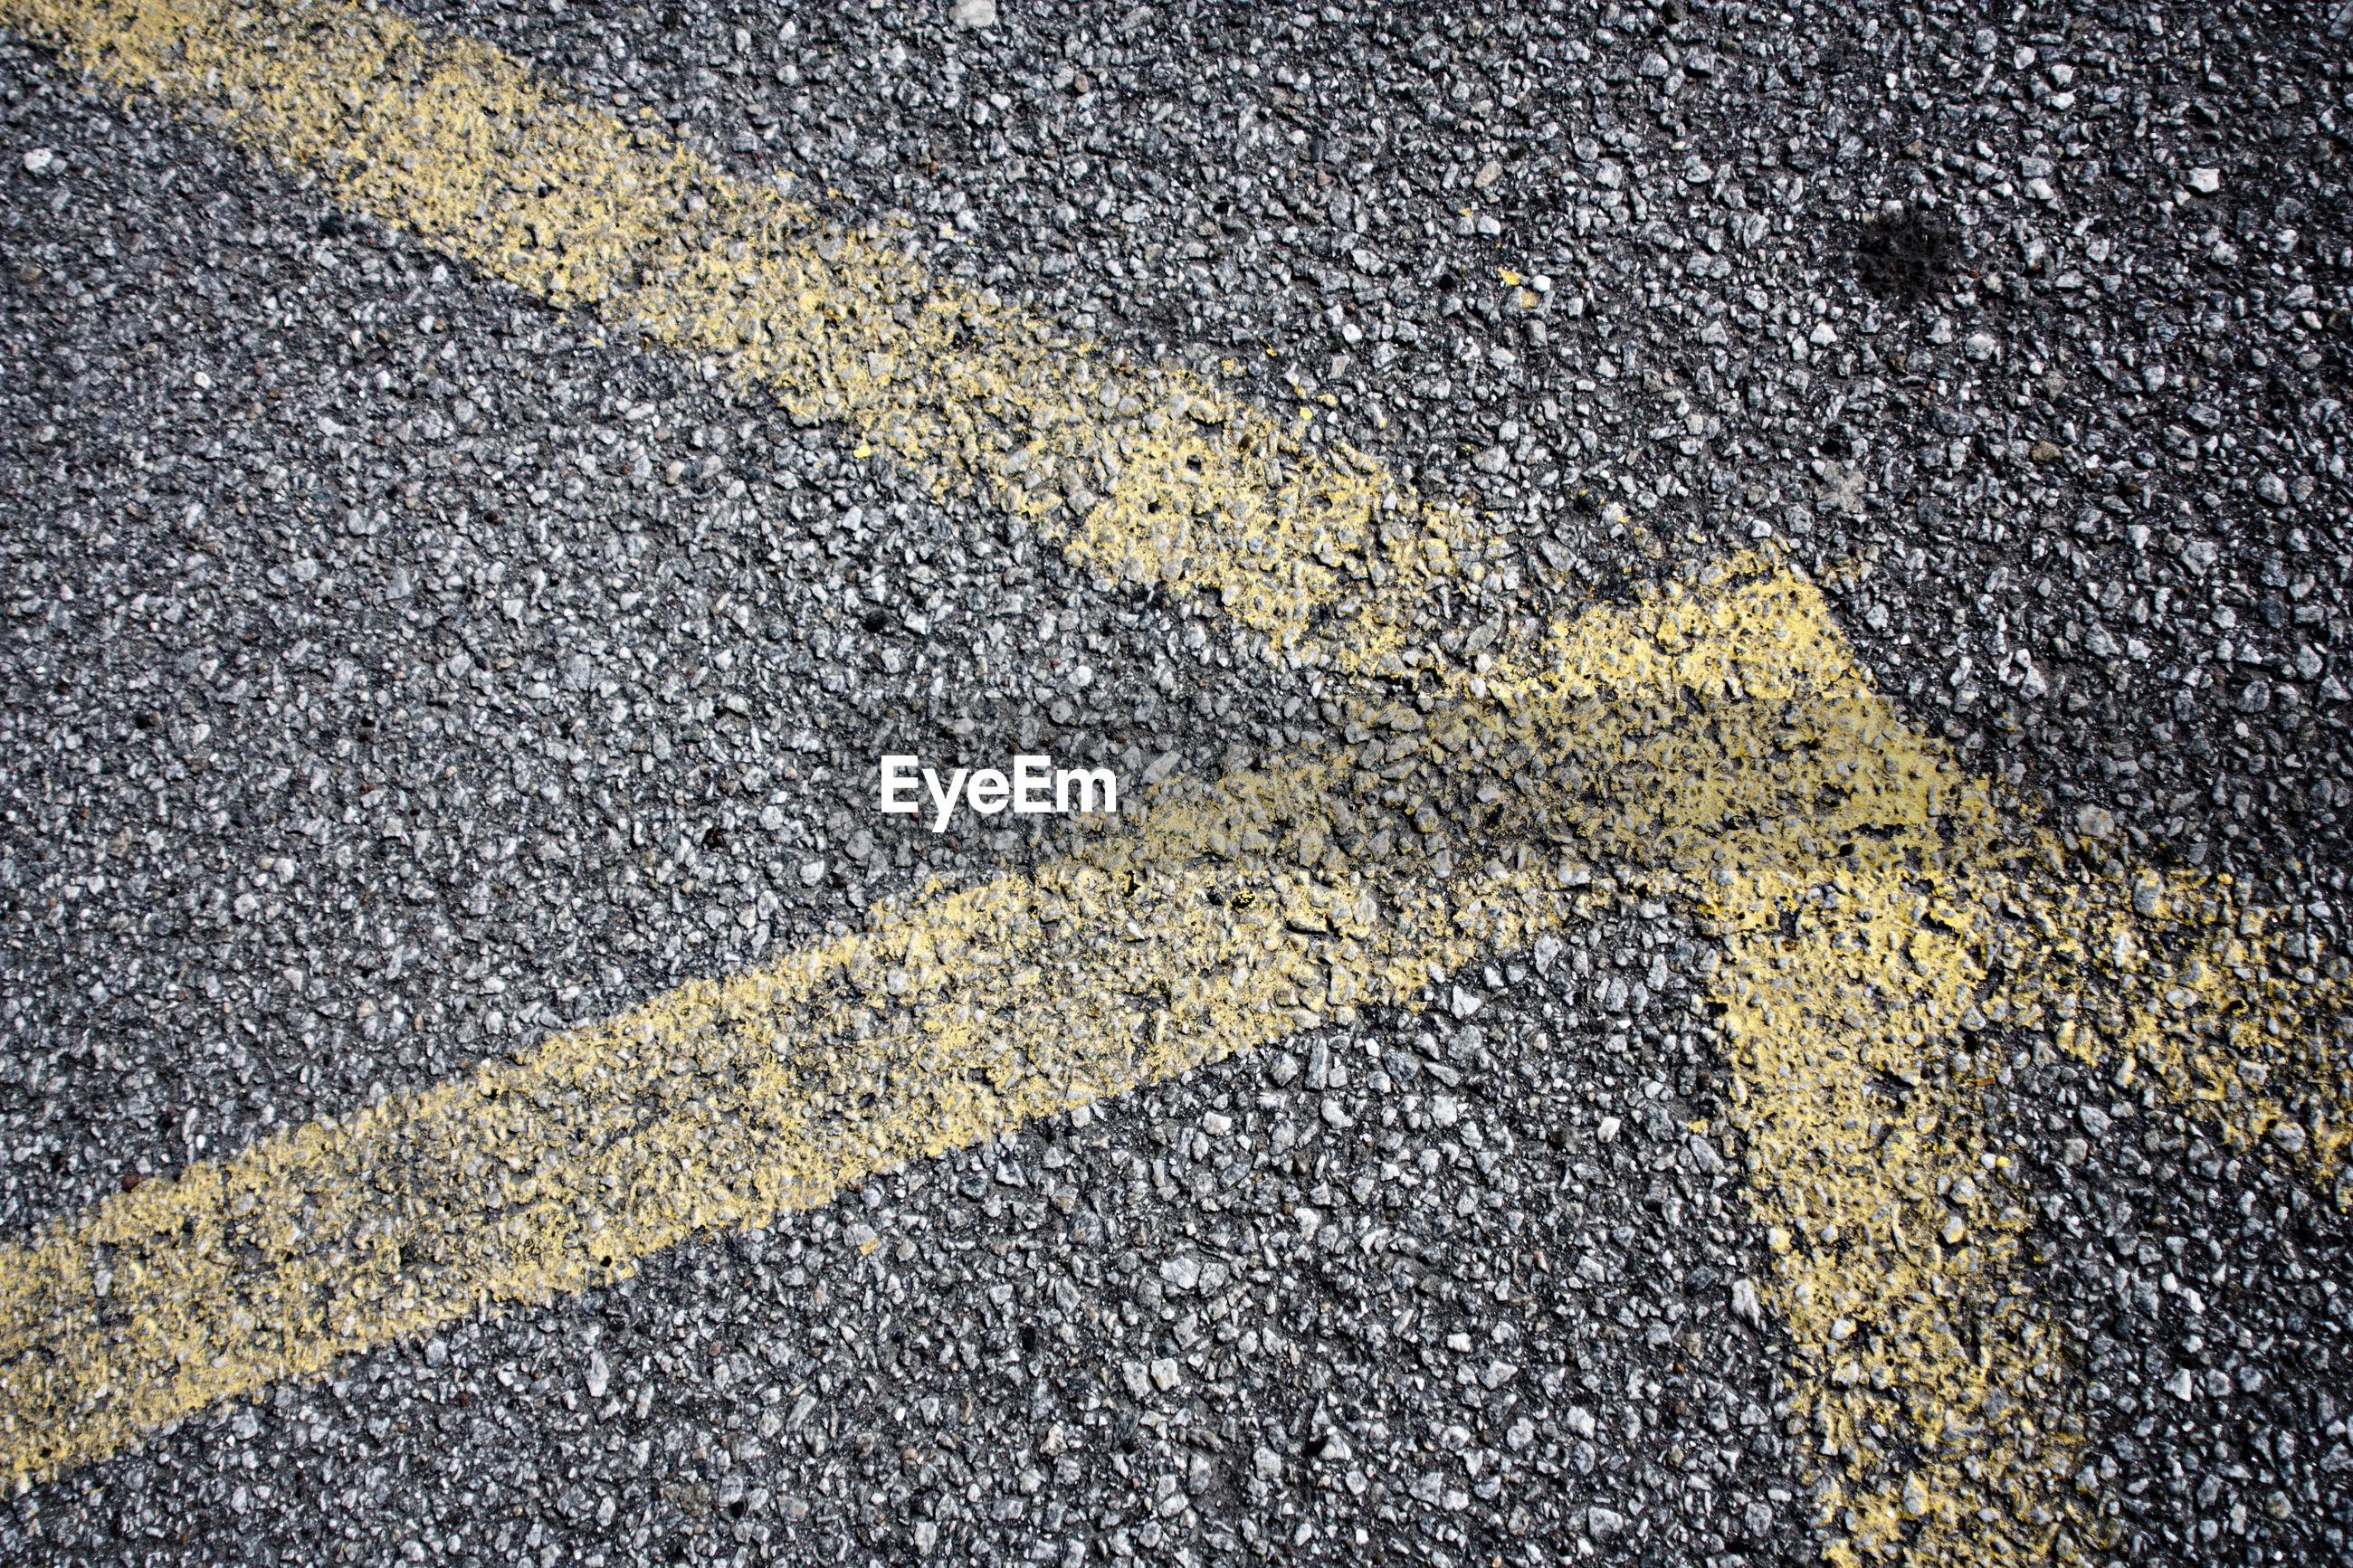 FULL FRAME SHOT OF STREET